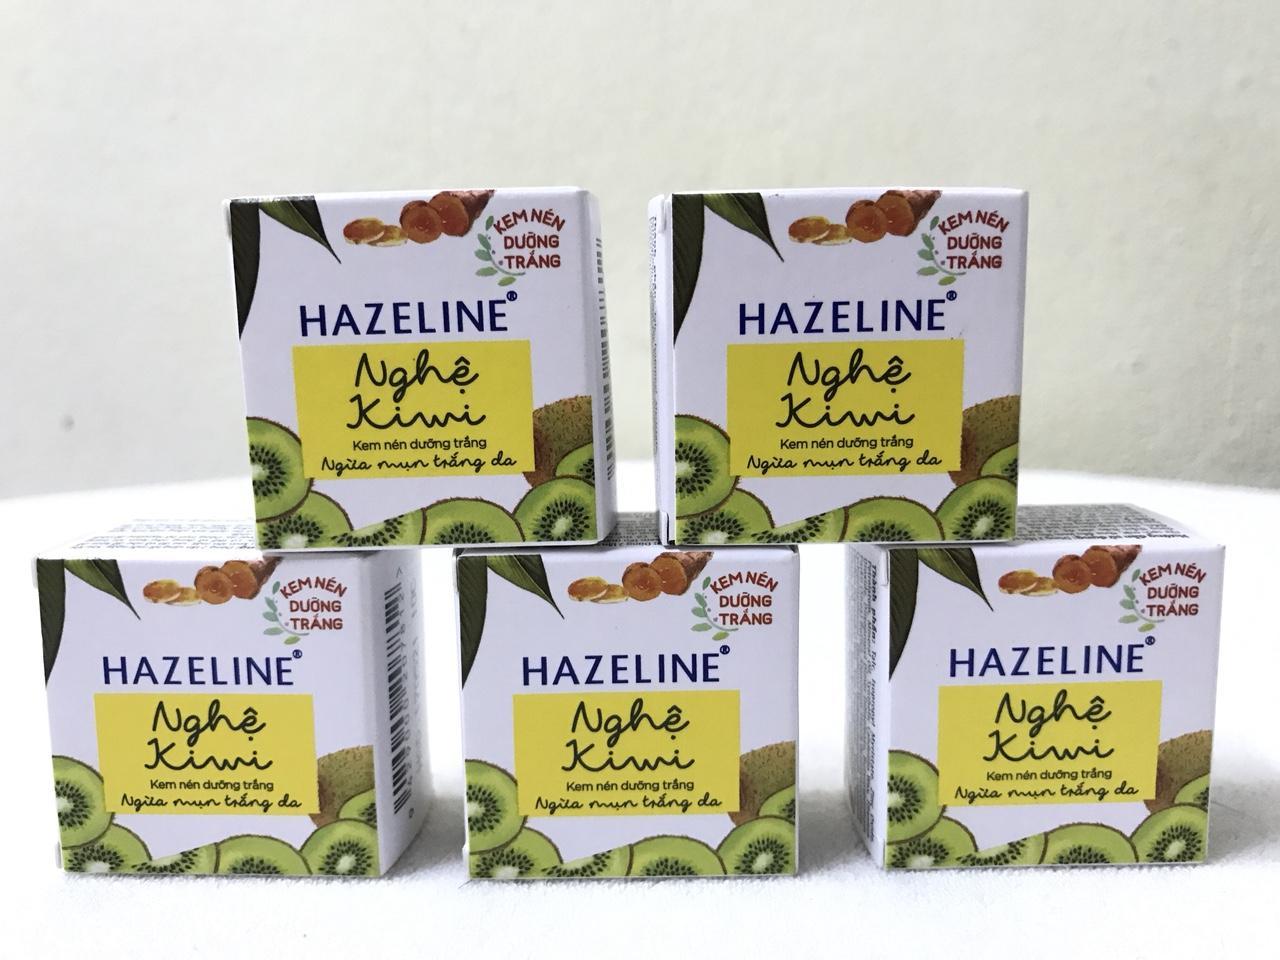 Hình ảnh combo 5 hộp kem nén hazeline ngừa mụn dưỡng trắng 3g/hộp + Tặng 1 túi đựng mỹ phẩm